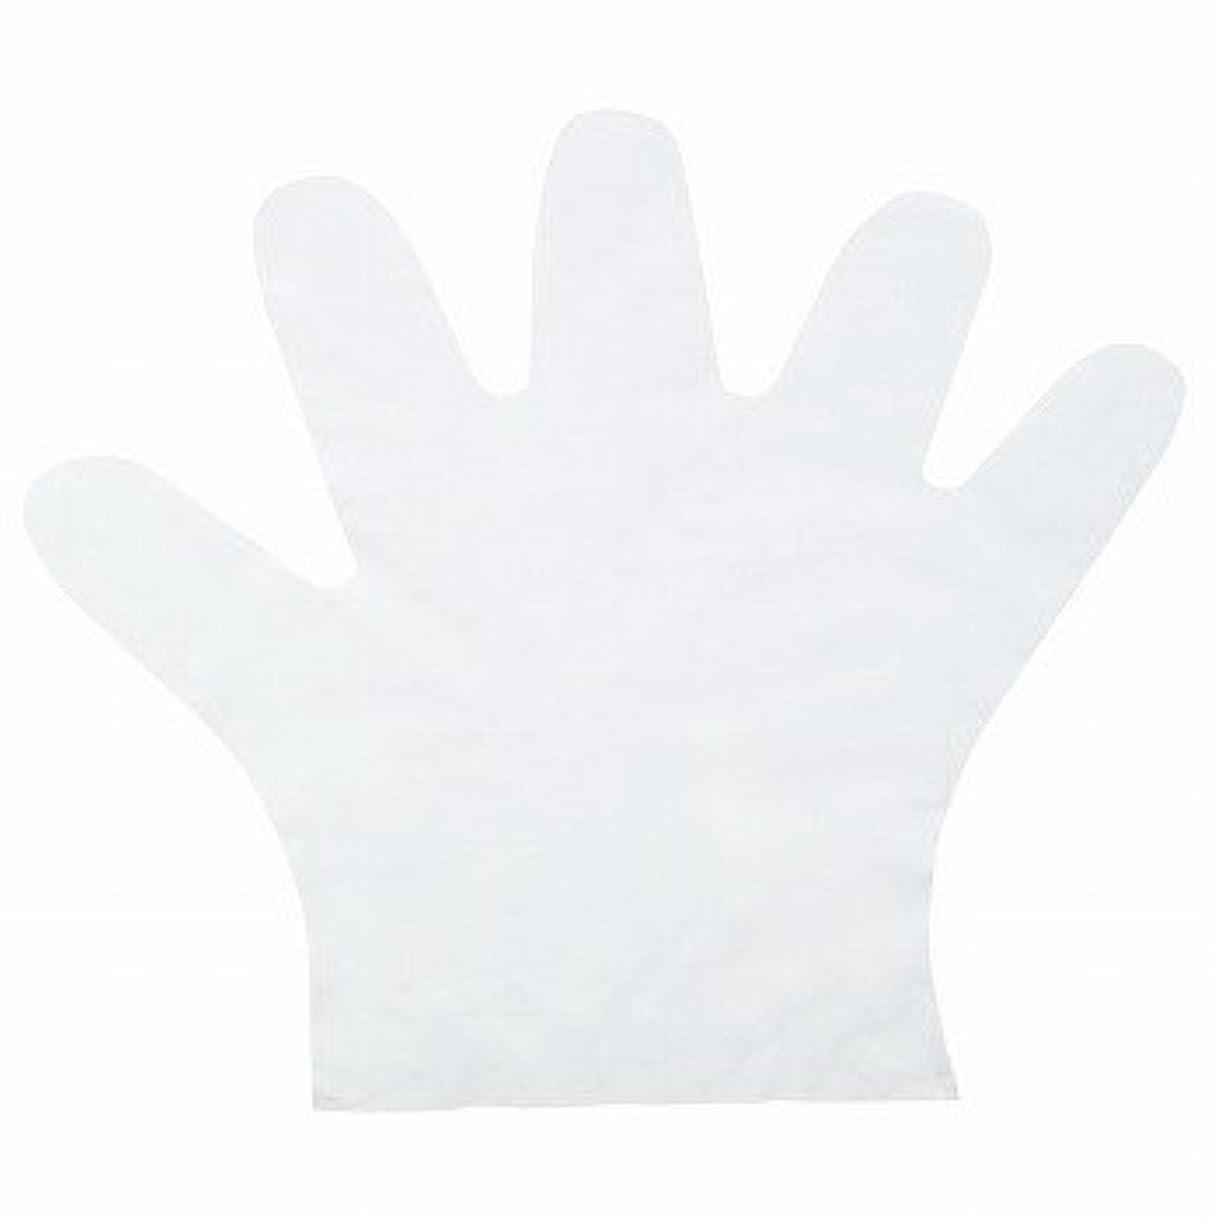 横ワックスクックおたふく手袋/ポリエチディスポ(LD) [100枚入]/品番:248 サイズ:M